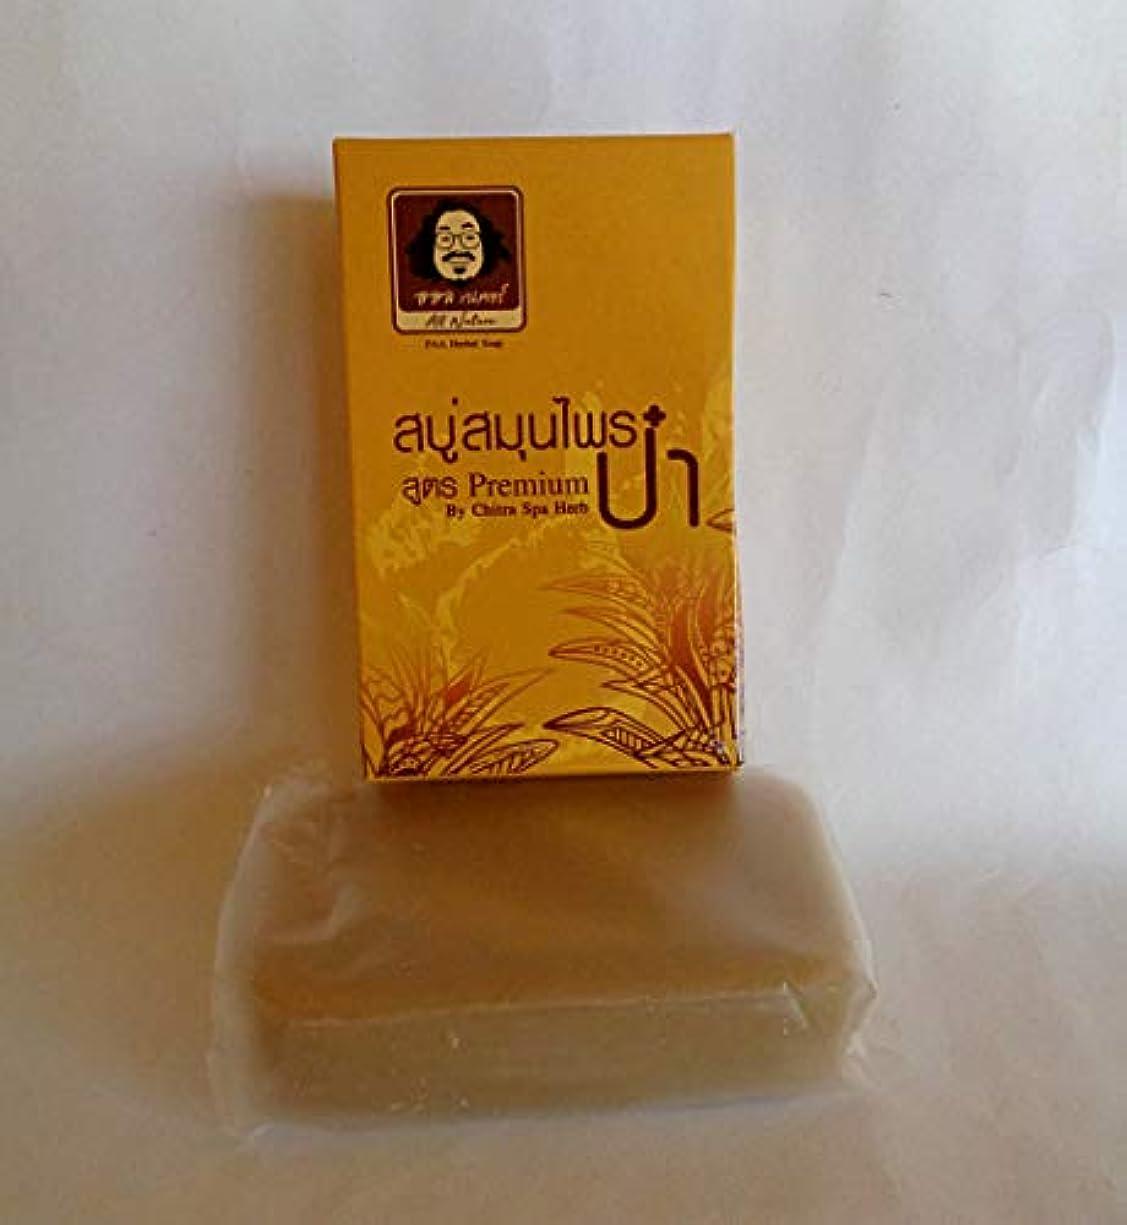 フィドル高音国民投票Paa Herbal soap all nature chemical free Premium Fomula ハーバルソープオールケミカルフリープレミアムフォーミュラ 100 g.